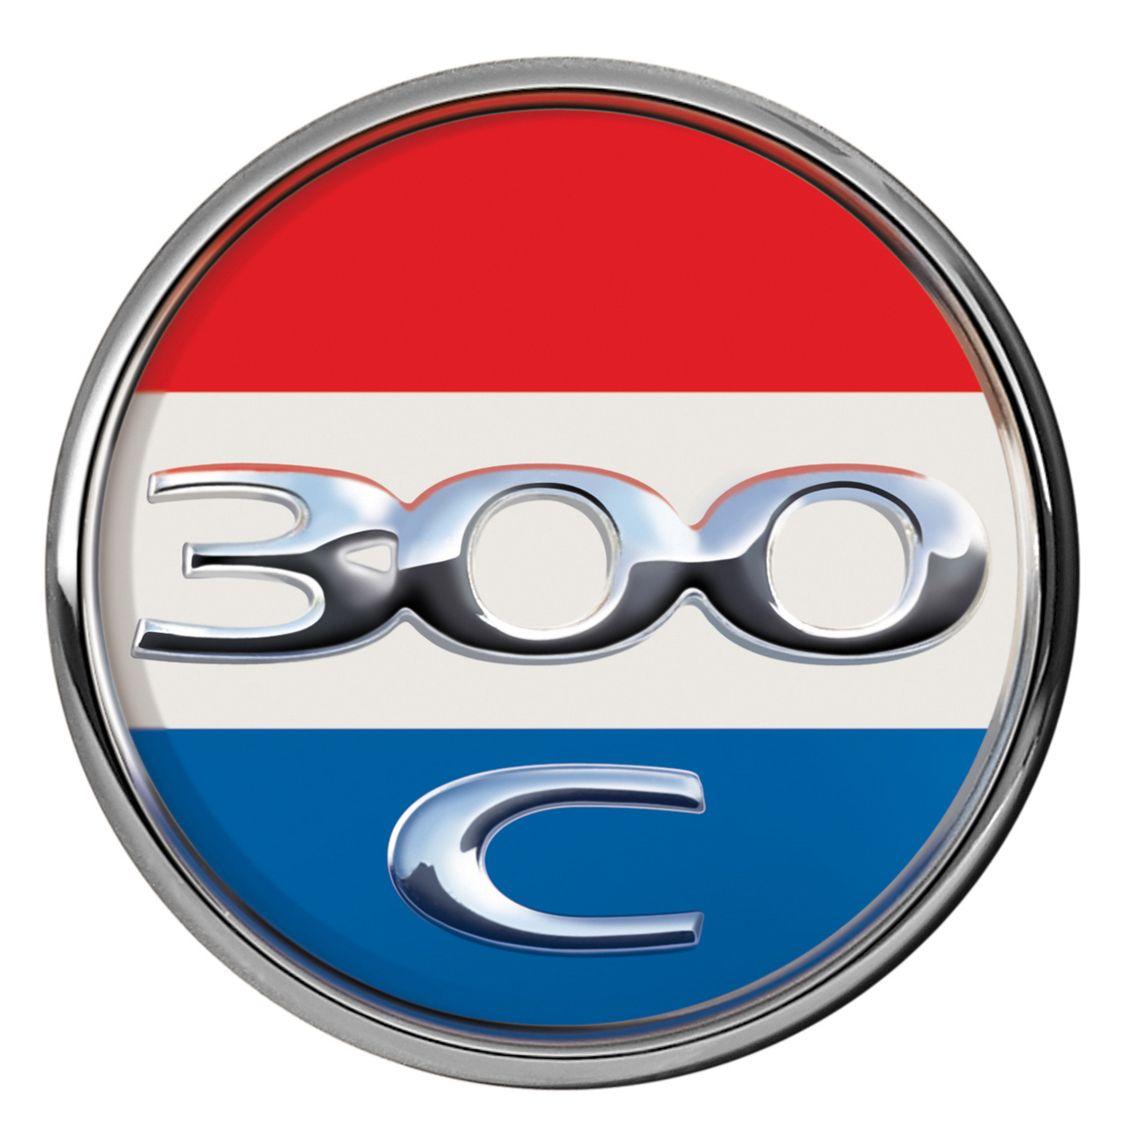 CHRYSLER 300 logo.